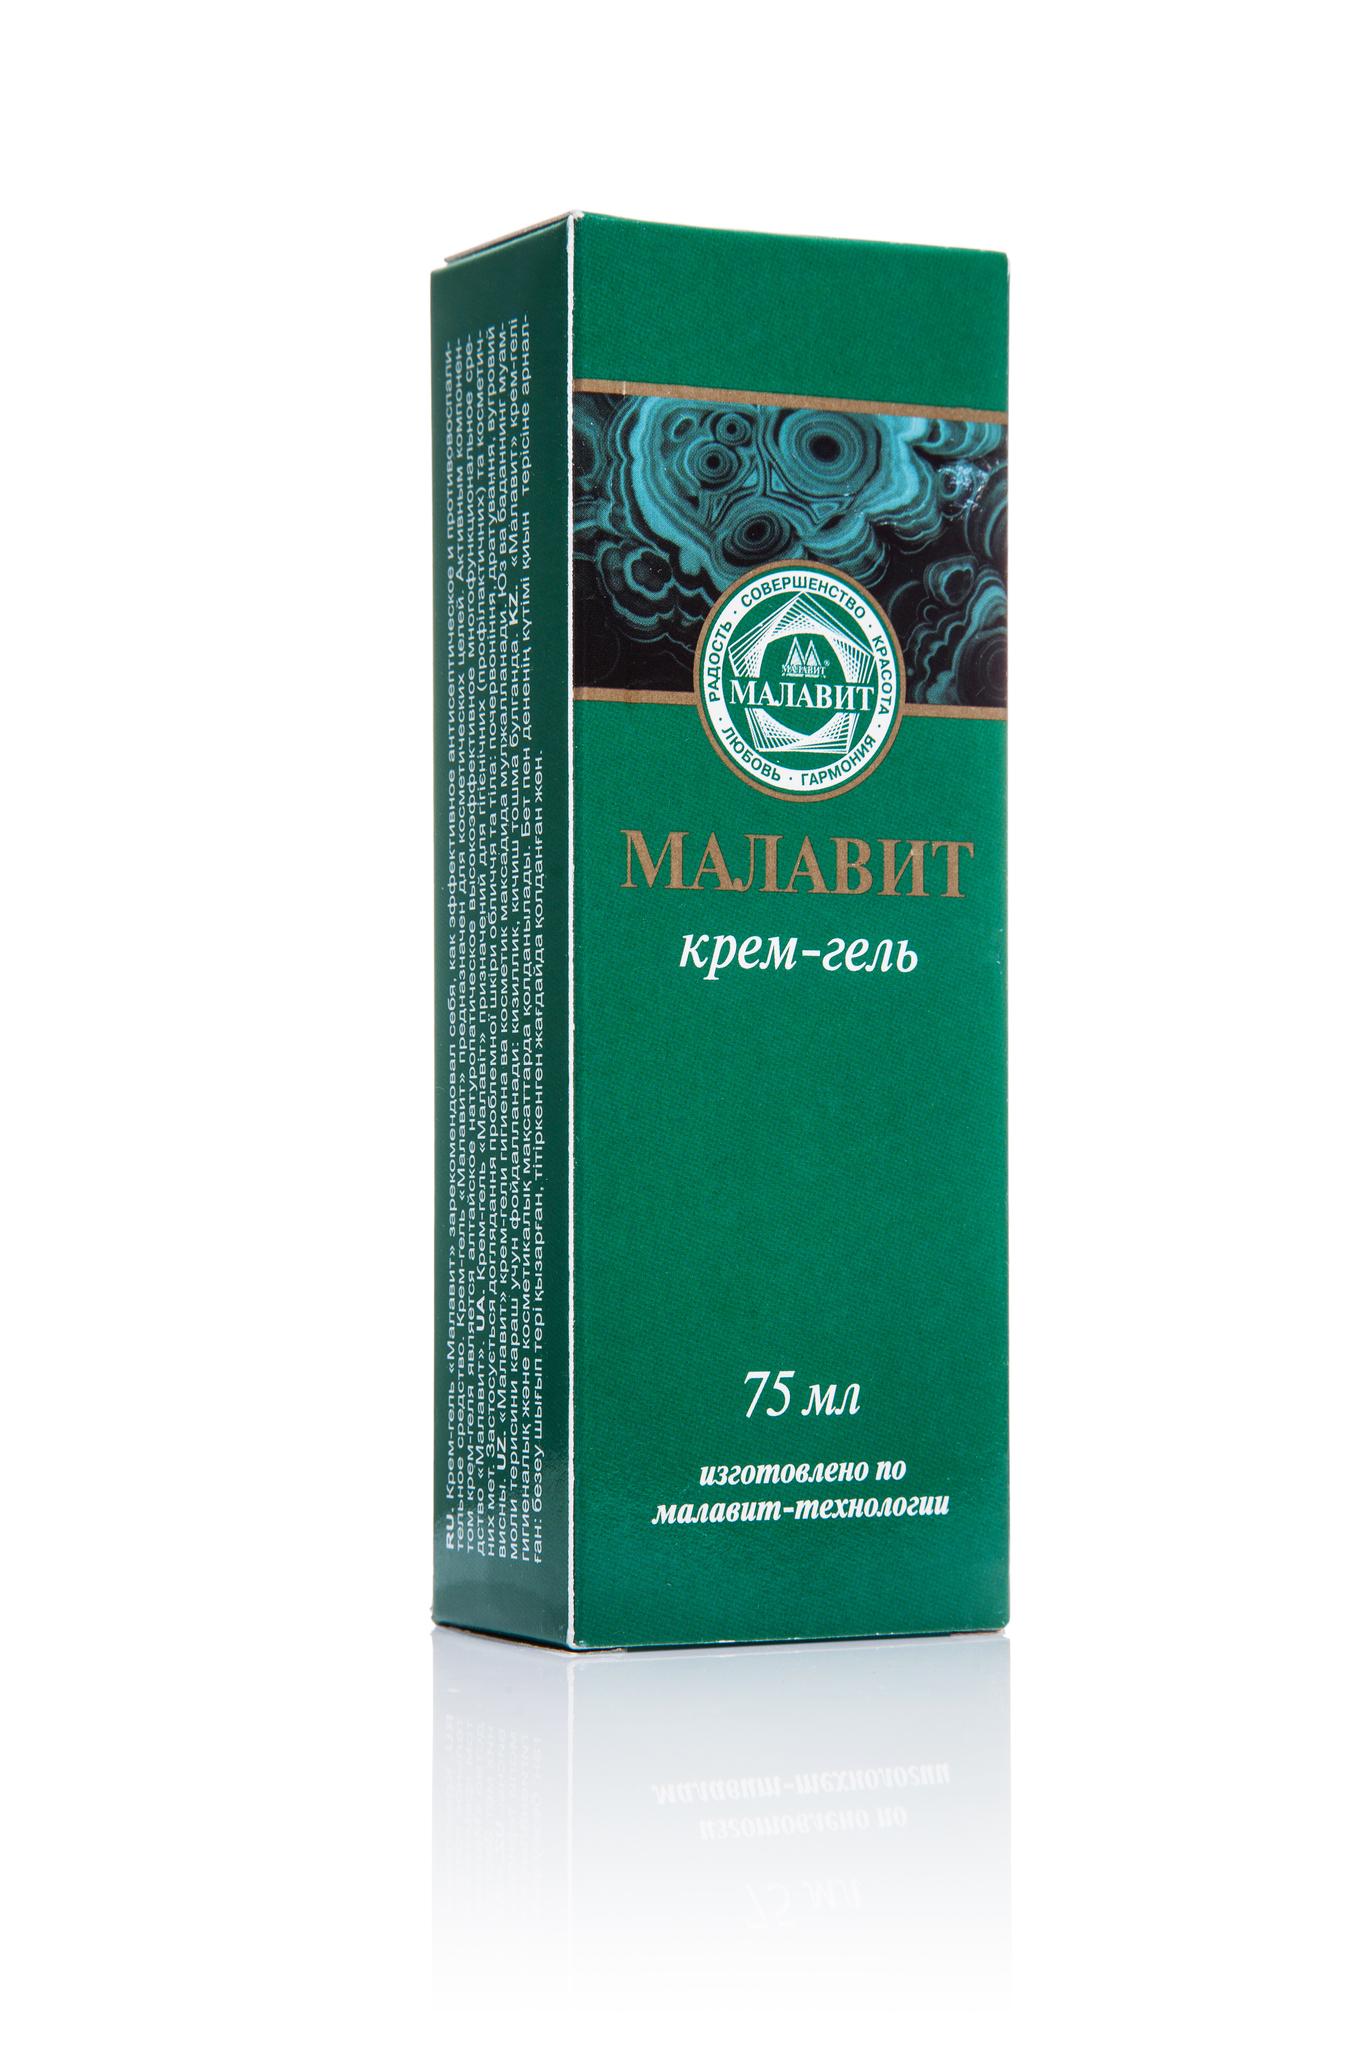 Малавит крем-гель 75 мл.